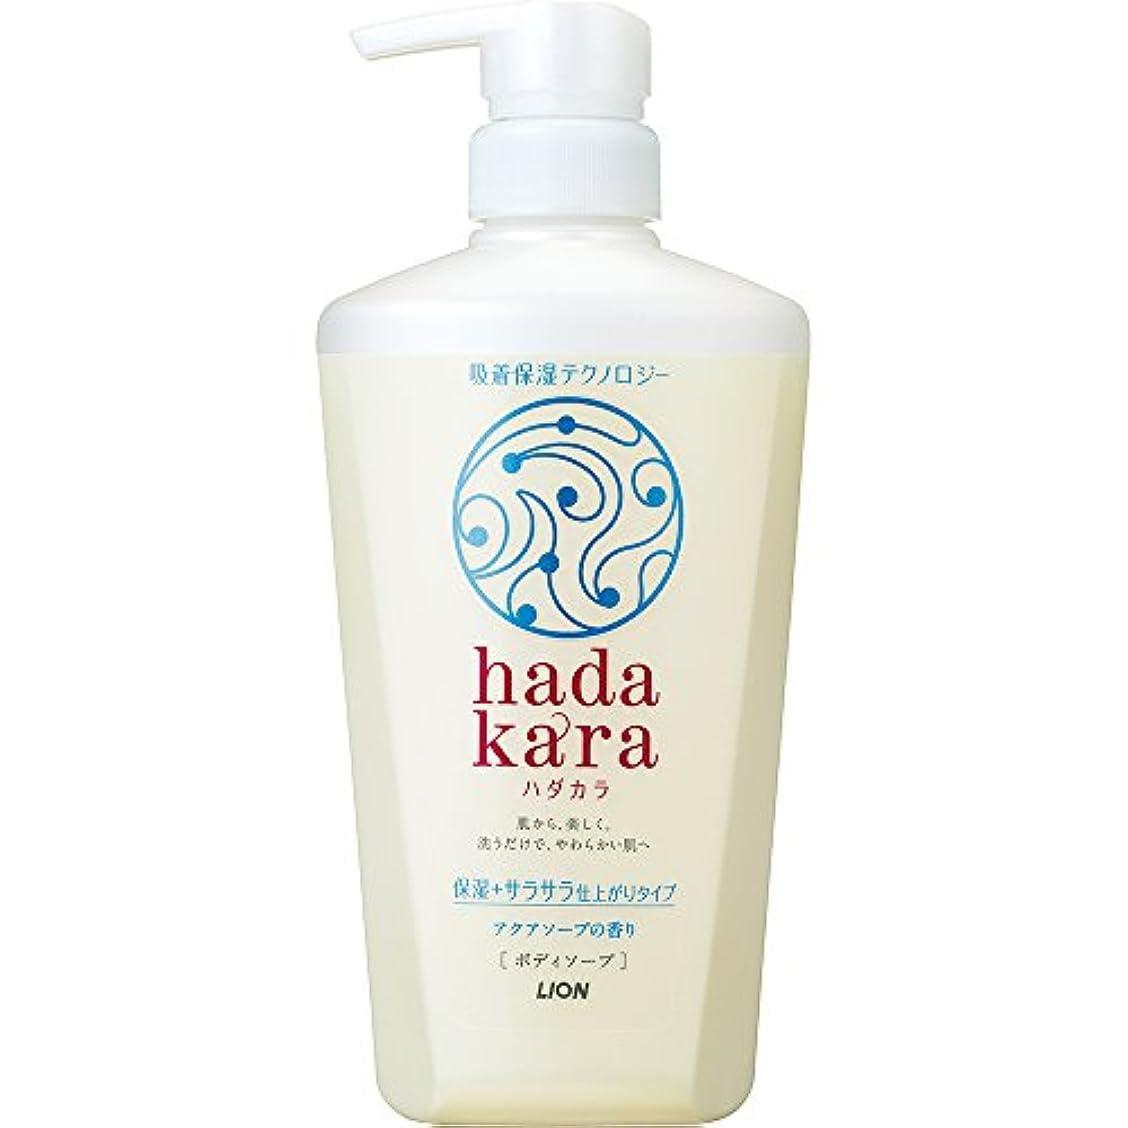 合併症絶滅させるギャロップhadakara(ハダカラ) ボディソープ 保湿+サラサラ仕上がりタイプ アクアソープの香り 本体 480ml